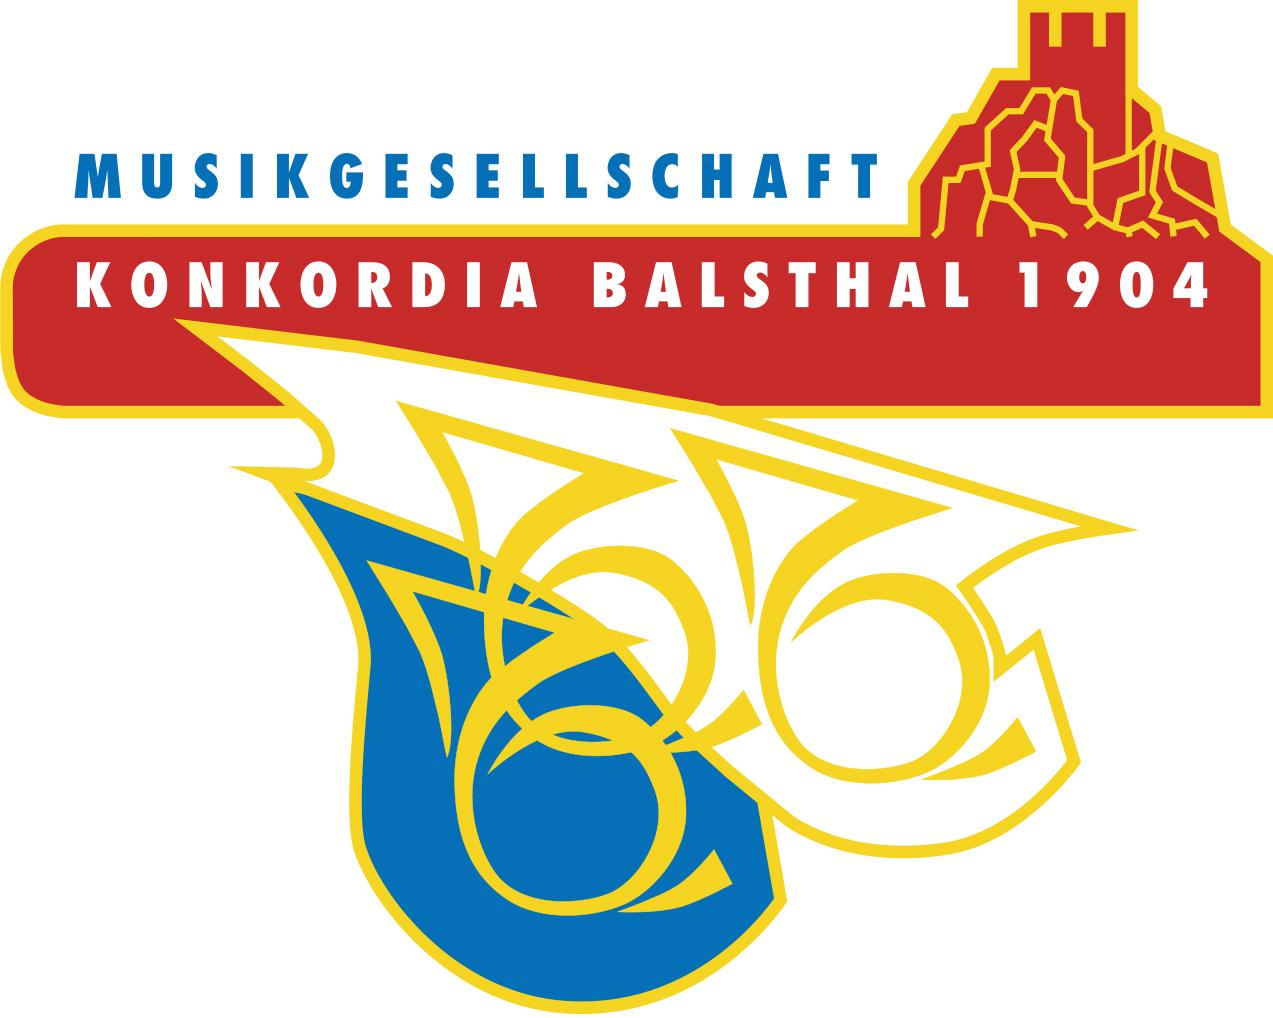 Musikgesellschaft Konkordia Balsthal